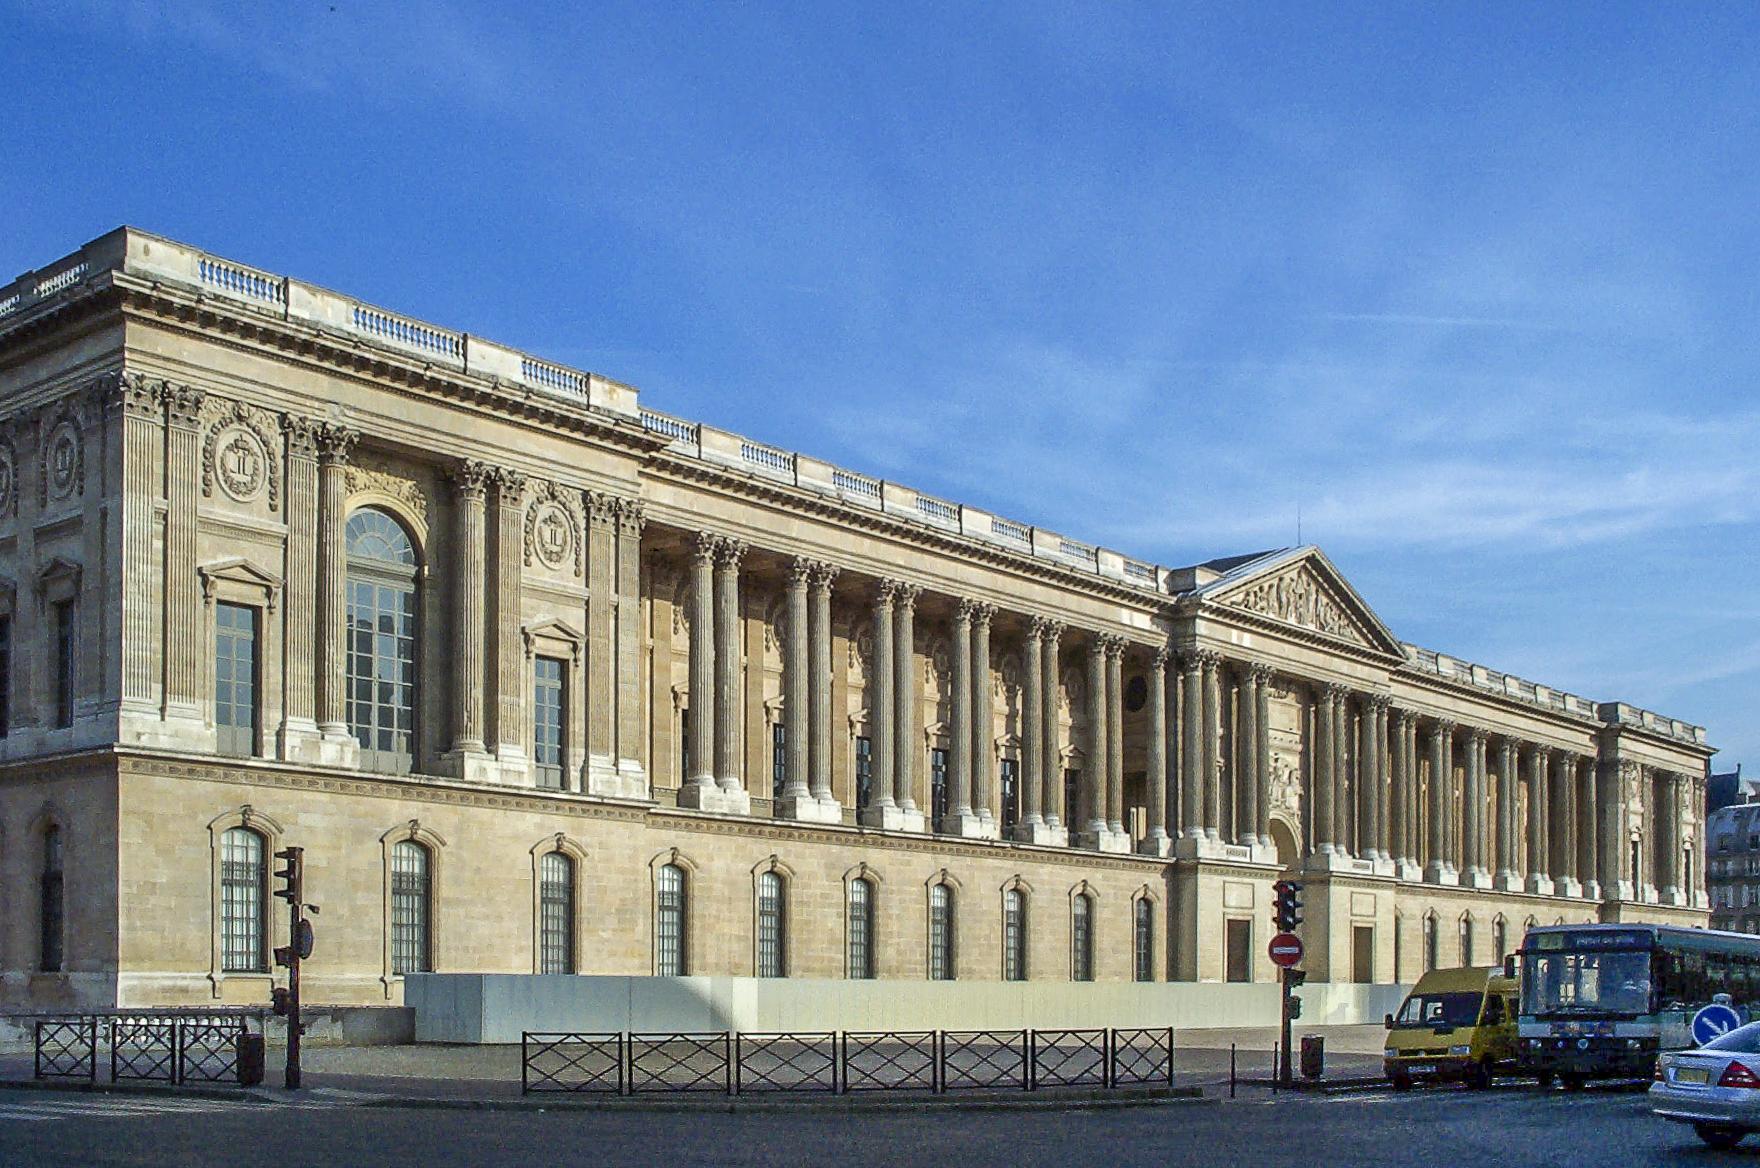 Le colonnades du Louvre, France